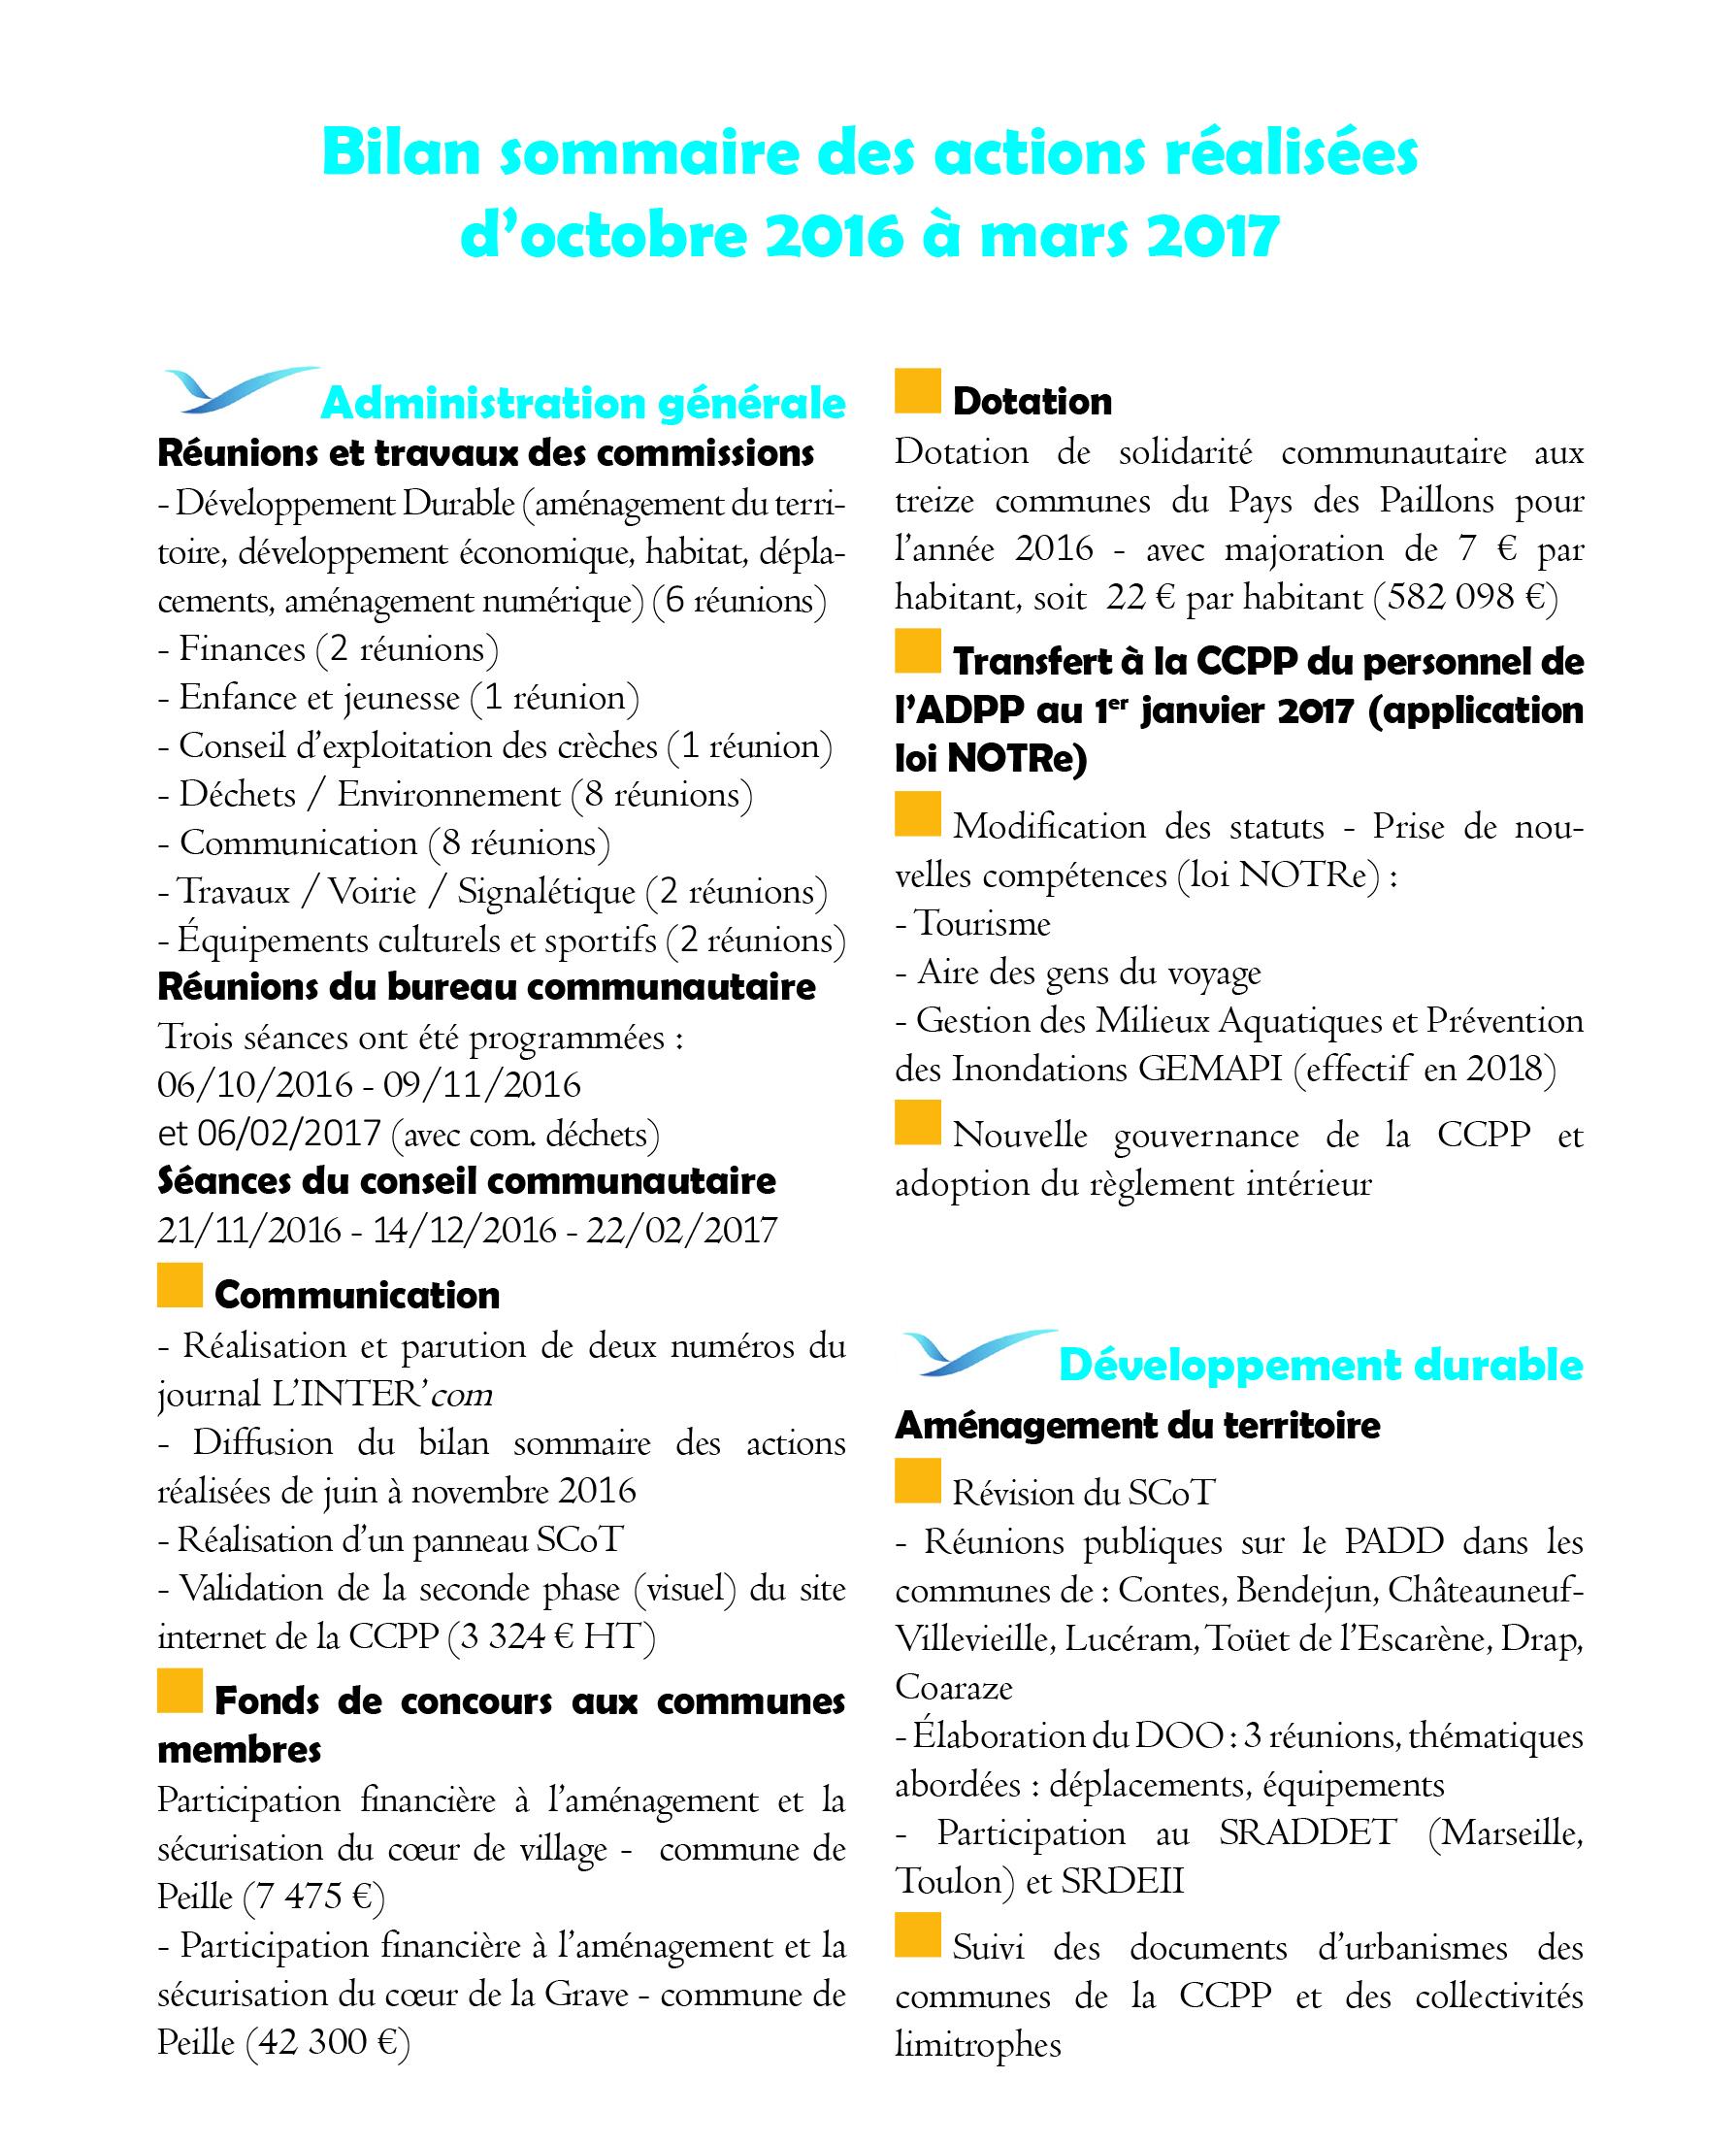 Vignette Bilan octobre 2016 mars 2017